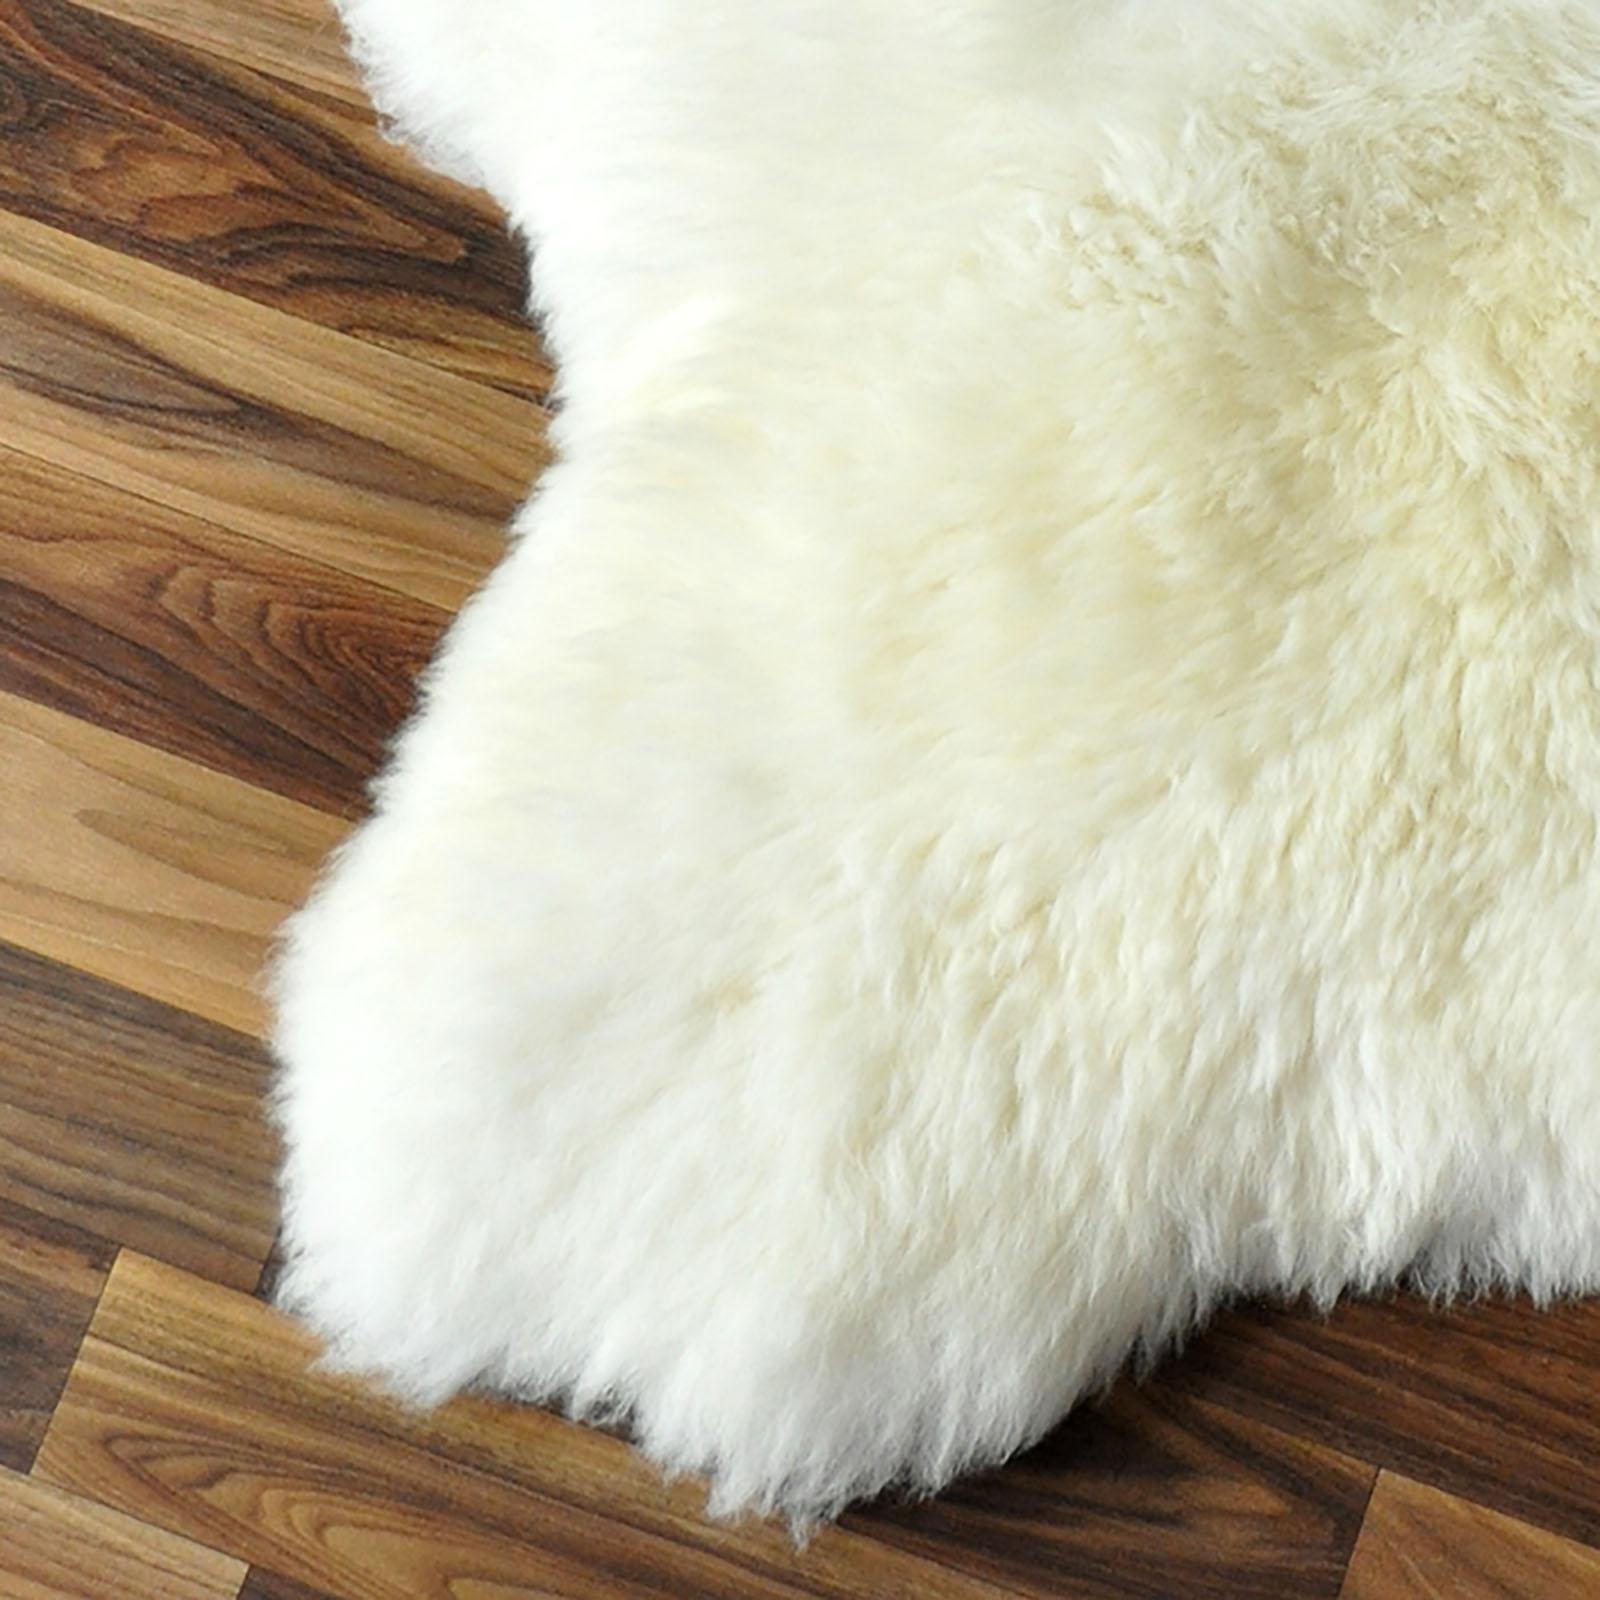 xxl ko schaffell lammfell natur wei 110 x 70 75 cm. Black Bedroom Furniture Sets. Home Design Ideas